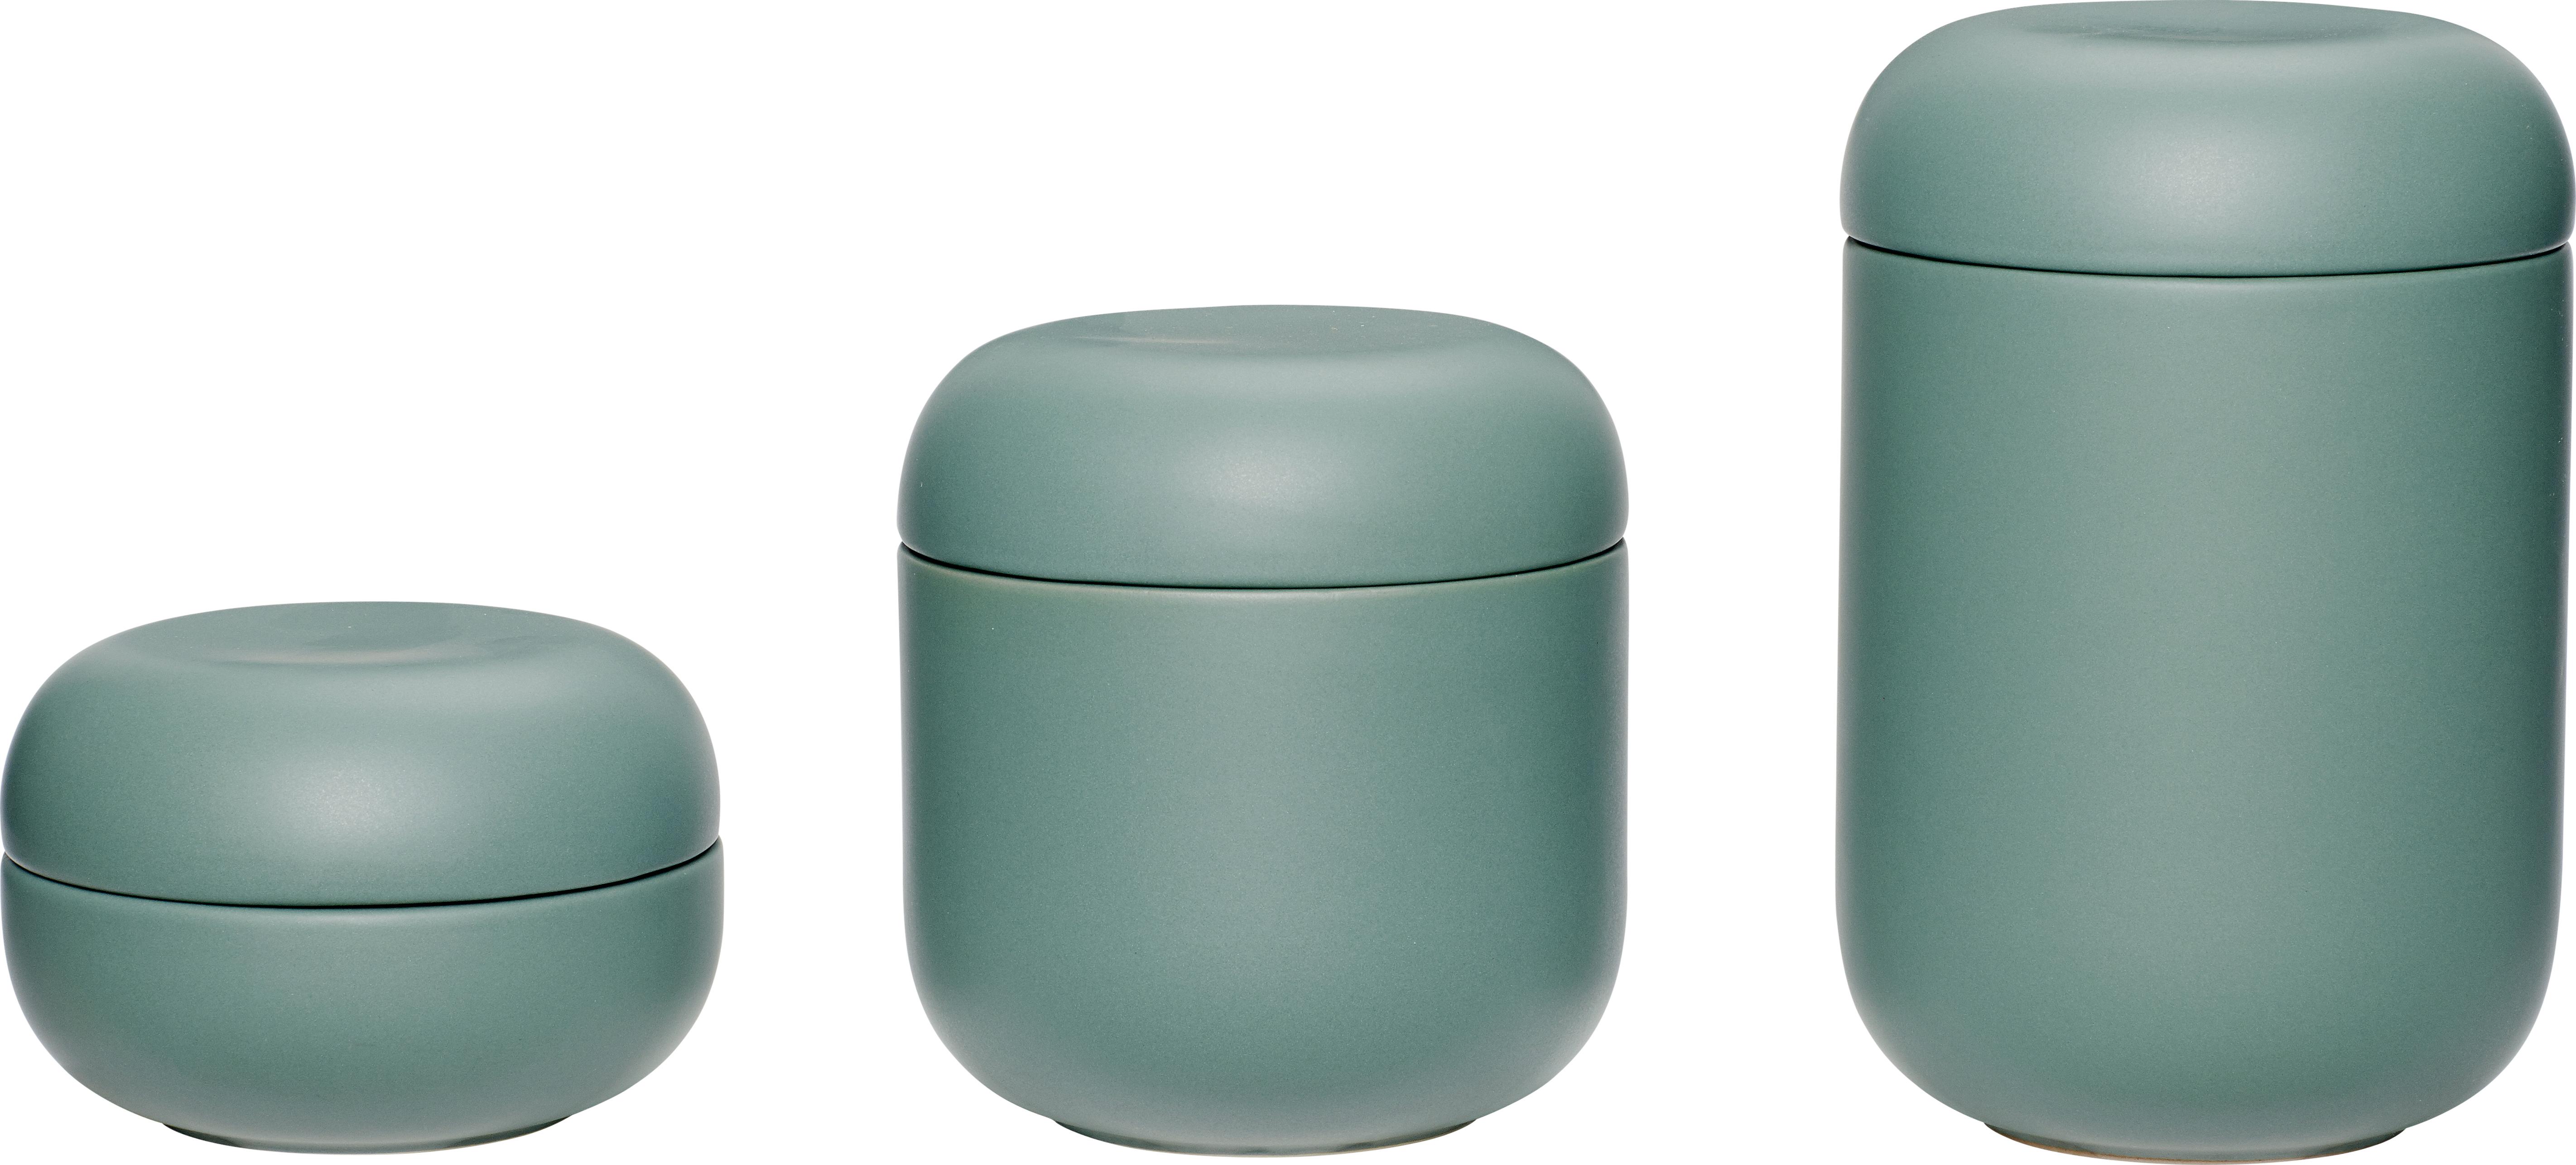 På billedet ser du Dåse m/låg, Keramik fra brandet Hübsch i en størrelse Sæt á 3 stk. i farven Grøn